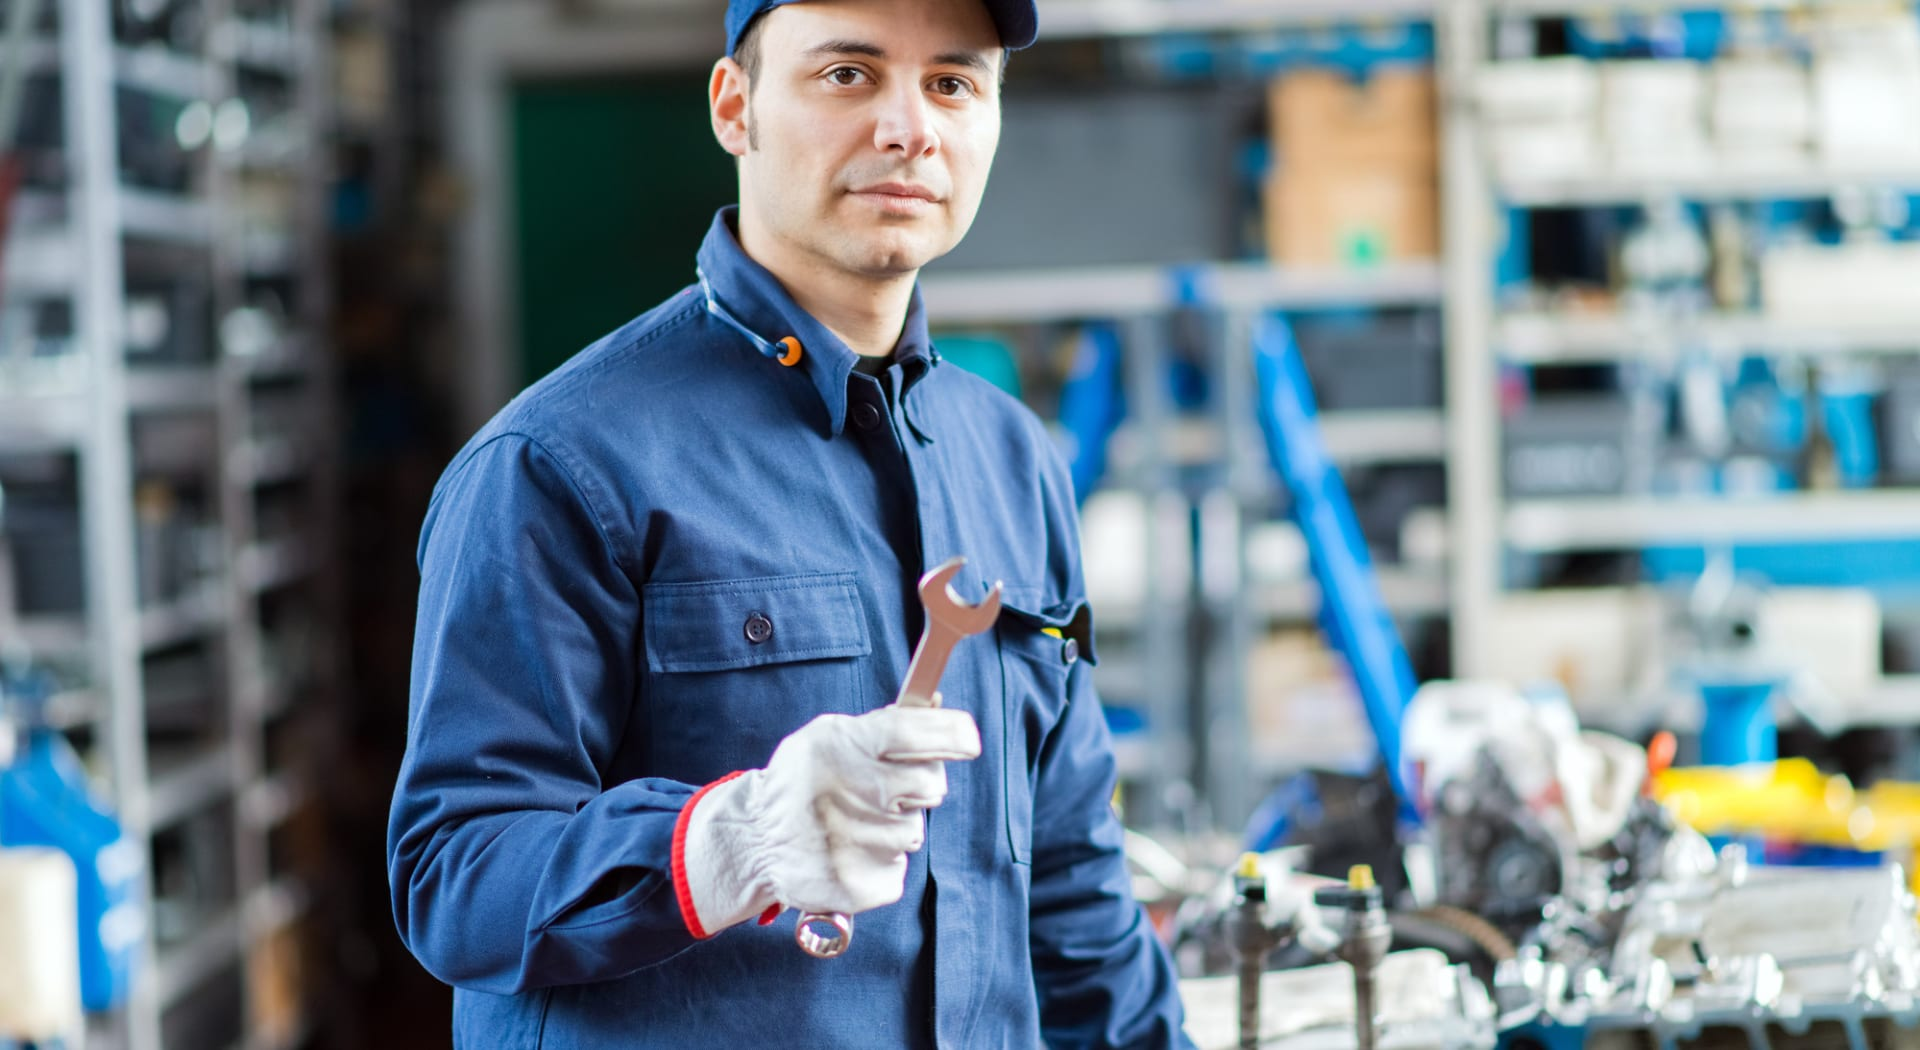 Skademelding til NAV skal sendes inn av arbeidsgiver etter yrkesskade